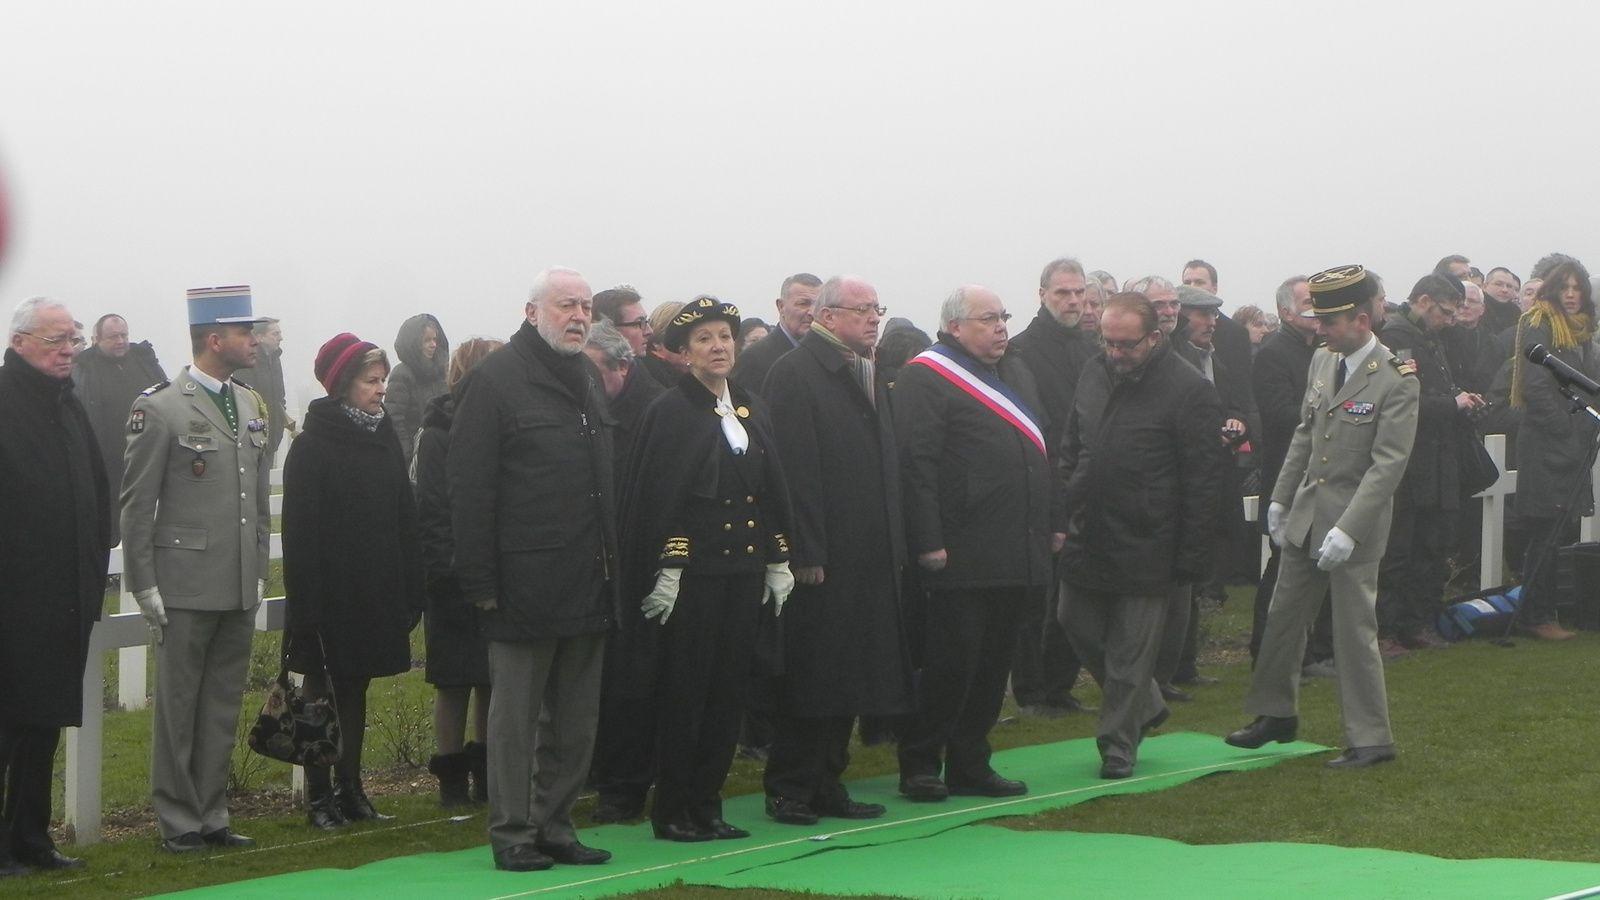 Les personnalités présentes dont madame la Préfète de la Meuse et monsieur le Maire de Fleury, monsieur Jean Pierre Laparra.